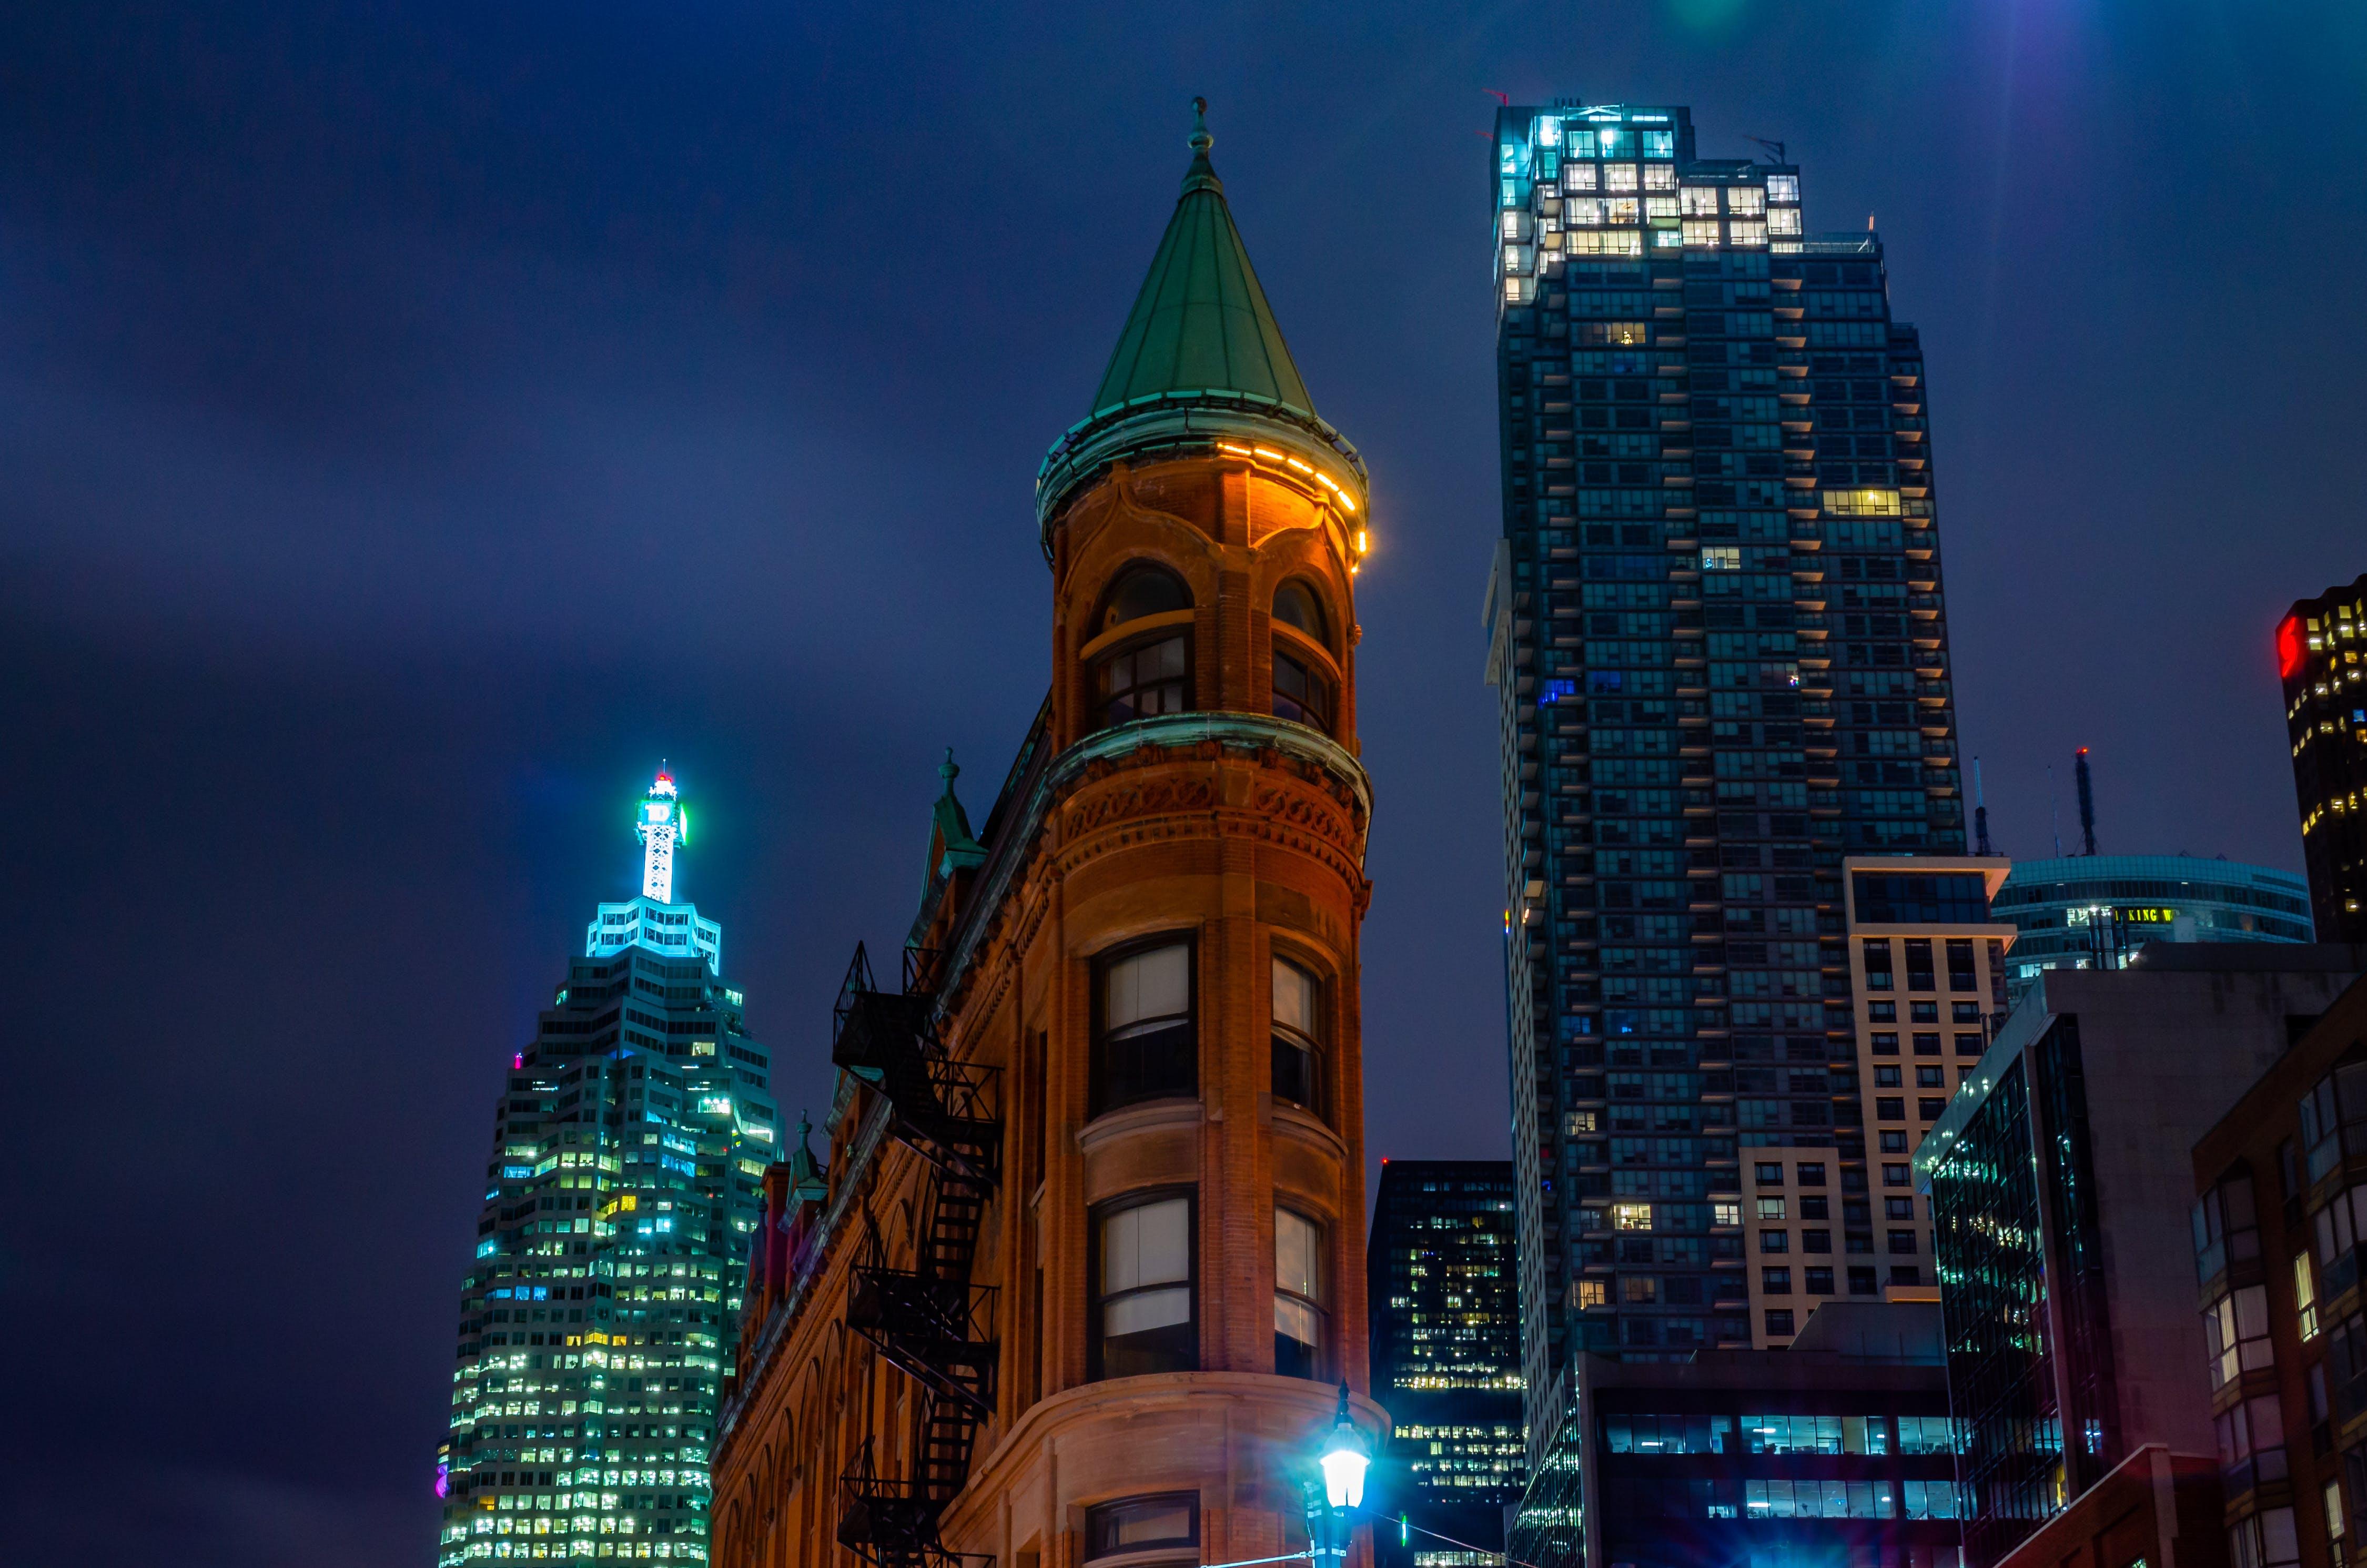 4k 바탕화면, HD 바탕화면, 가장 높은, 건물의 무료 스톡 사진